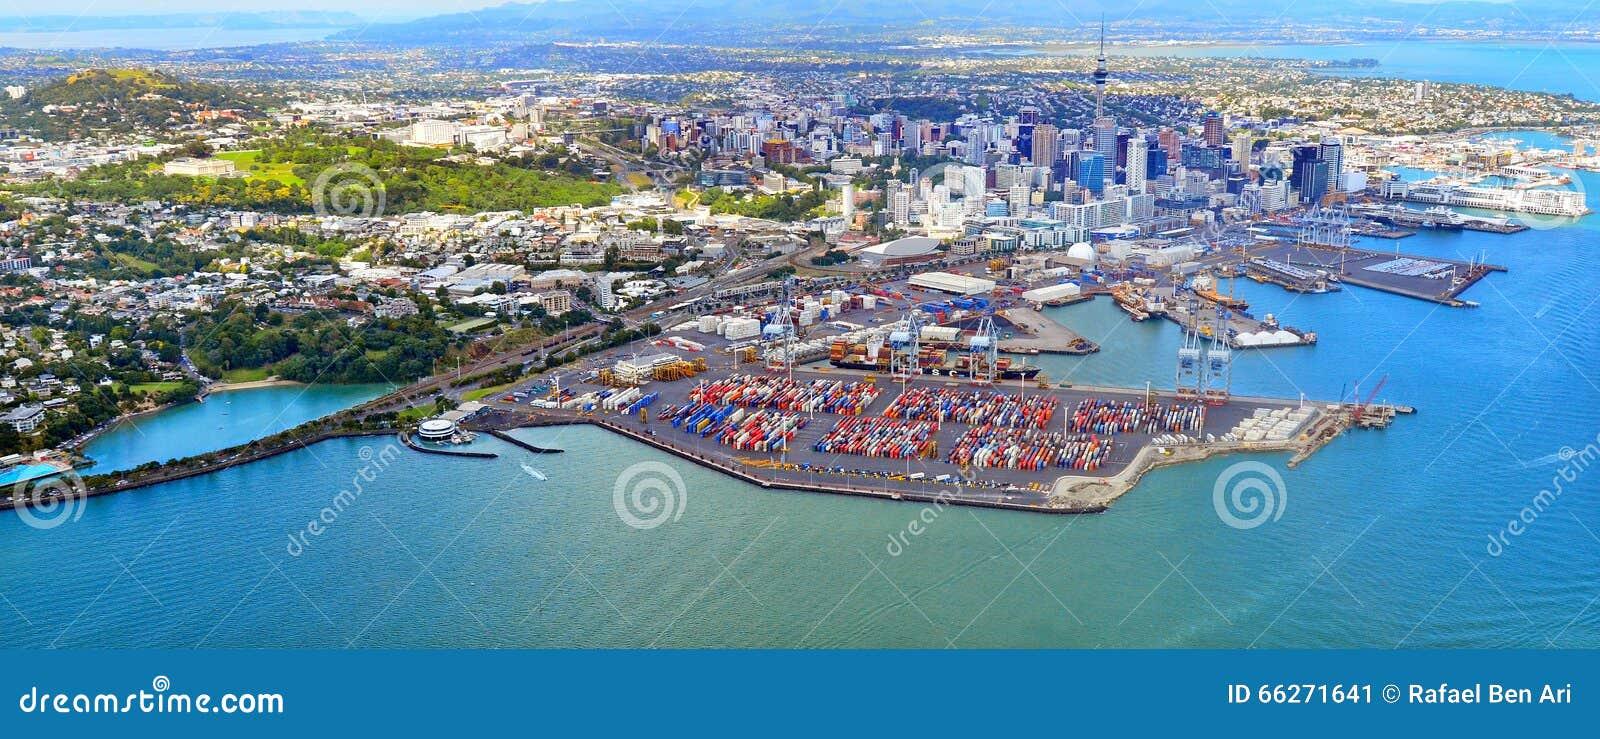 Обои сверху, новая зеландия, auckland. Города foto 10